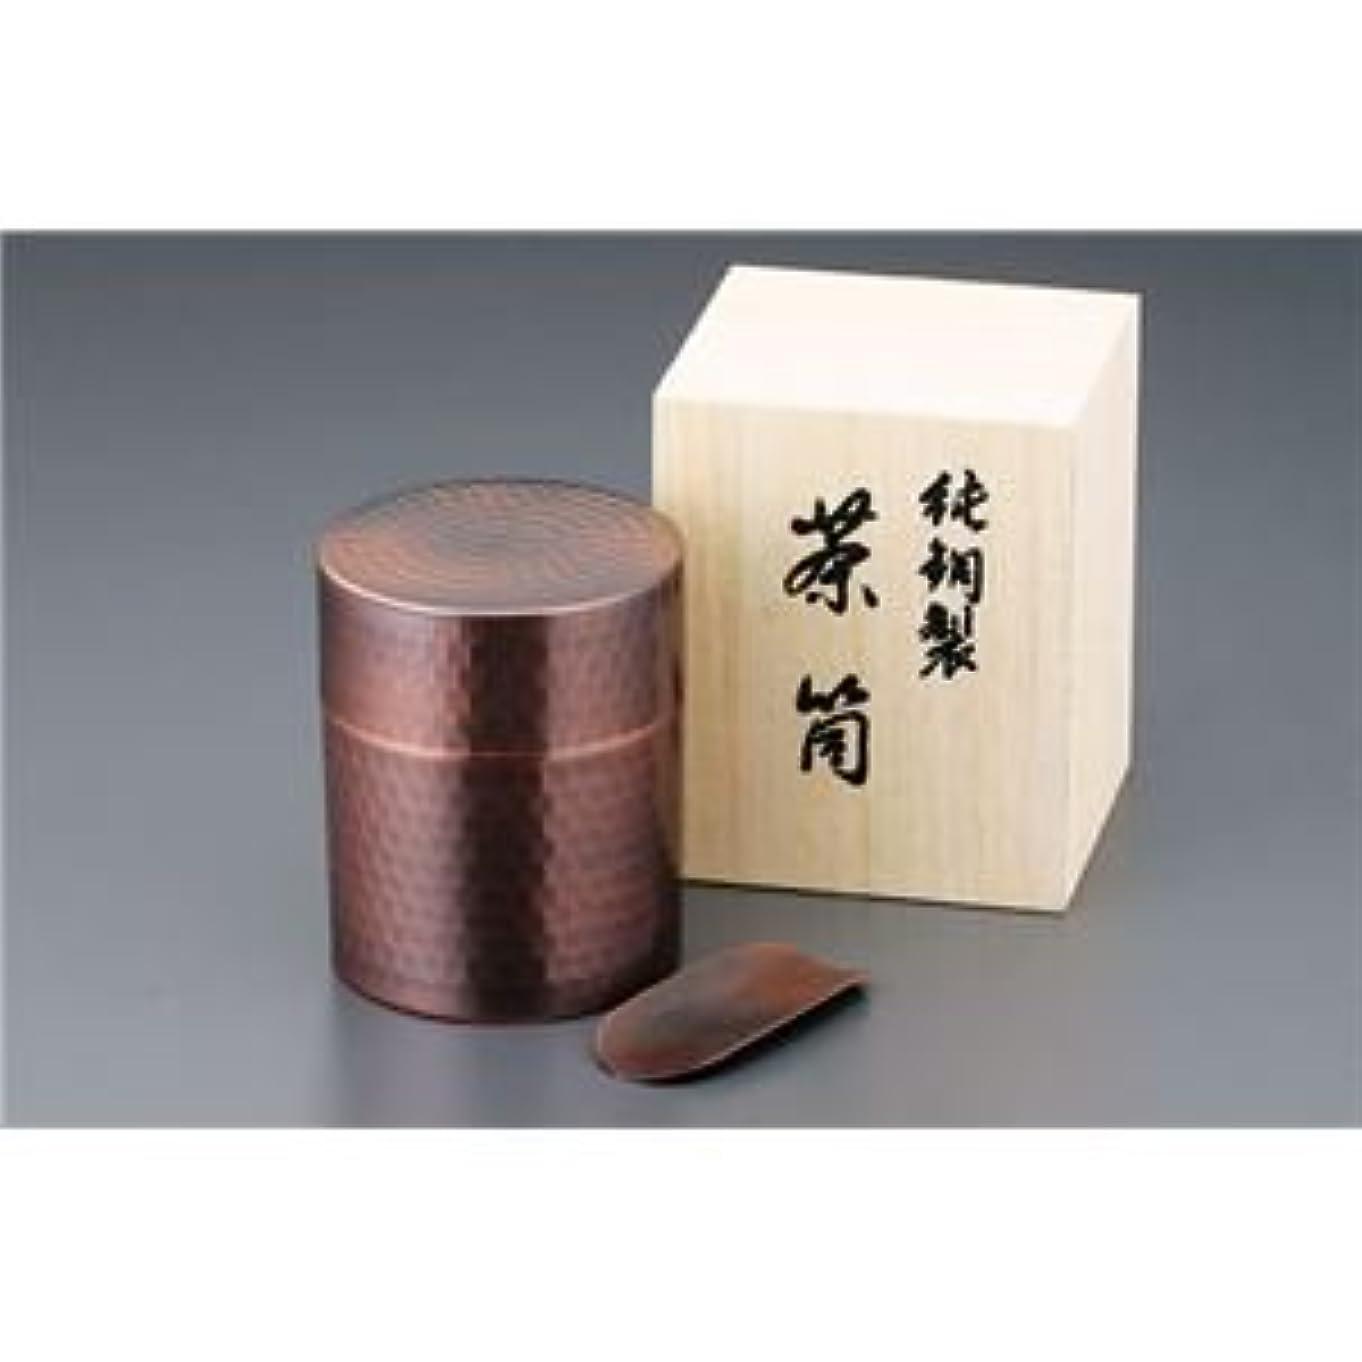 交差点礼拝上アサヒ 茶筒 (銅製品) CB-510 [簡易パッケージ品]